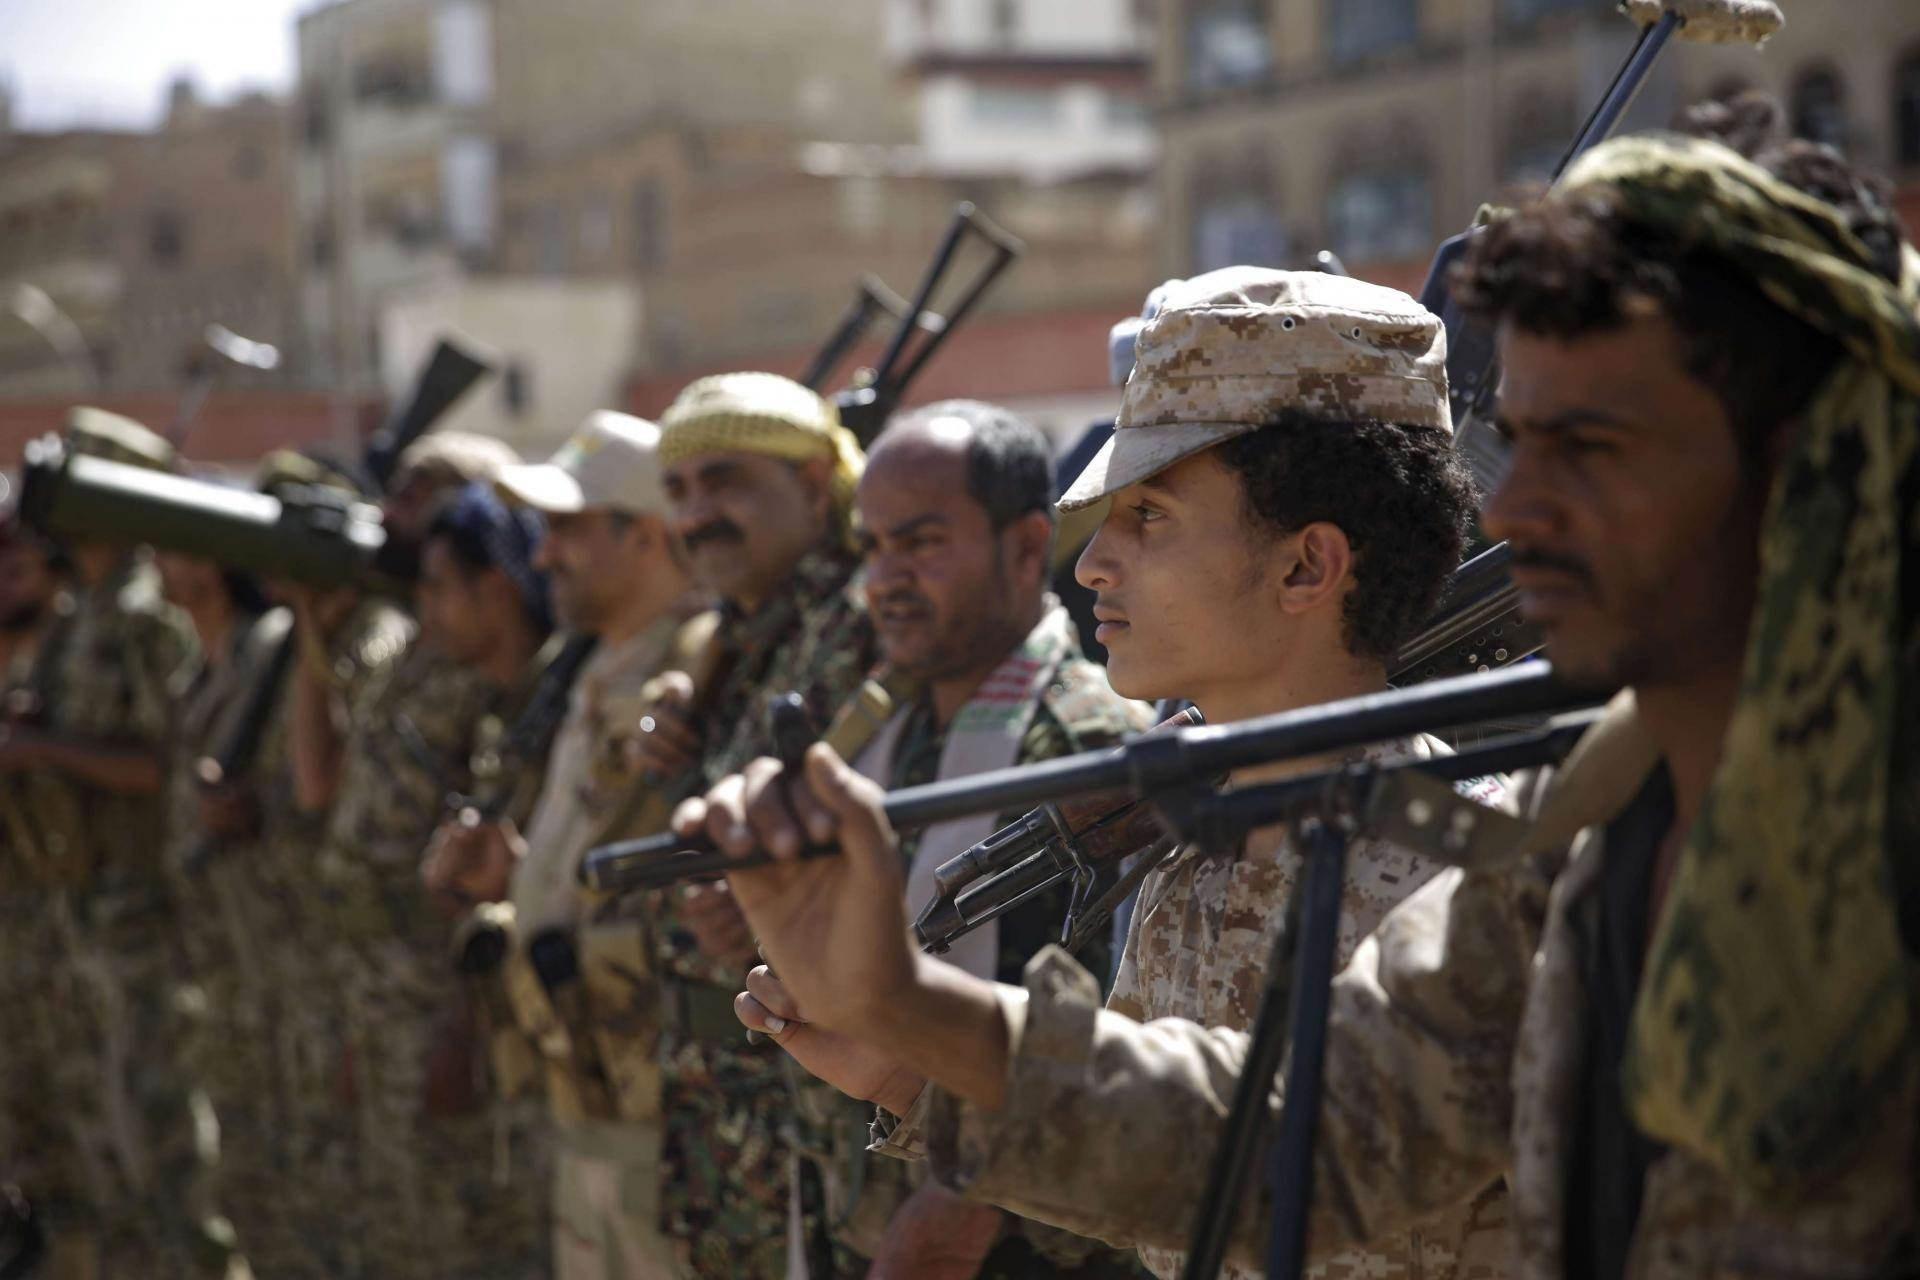 القوات المسلحة اليمنية تنفذ عملية عسكرية ضد الرياض